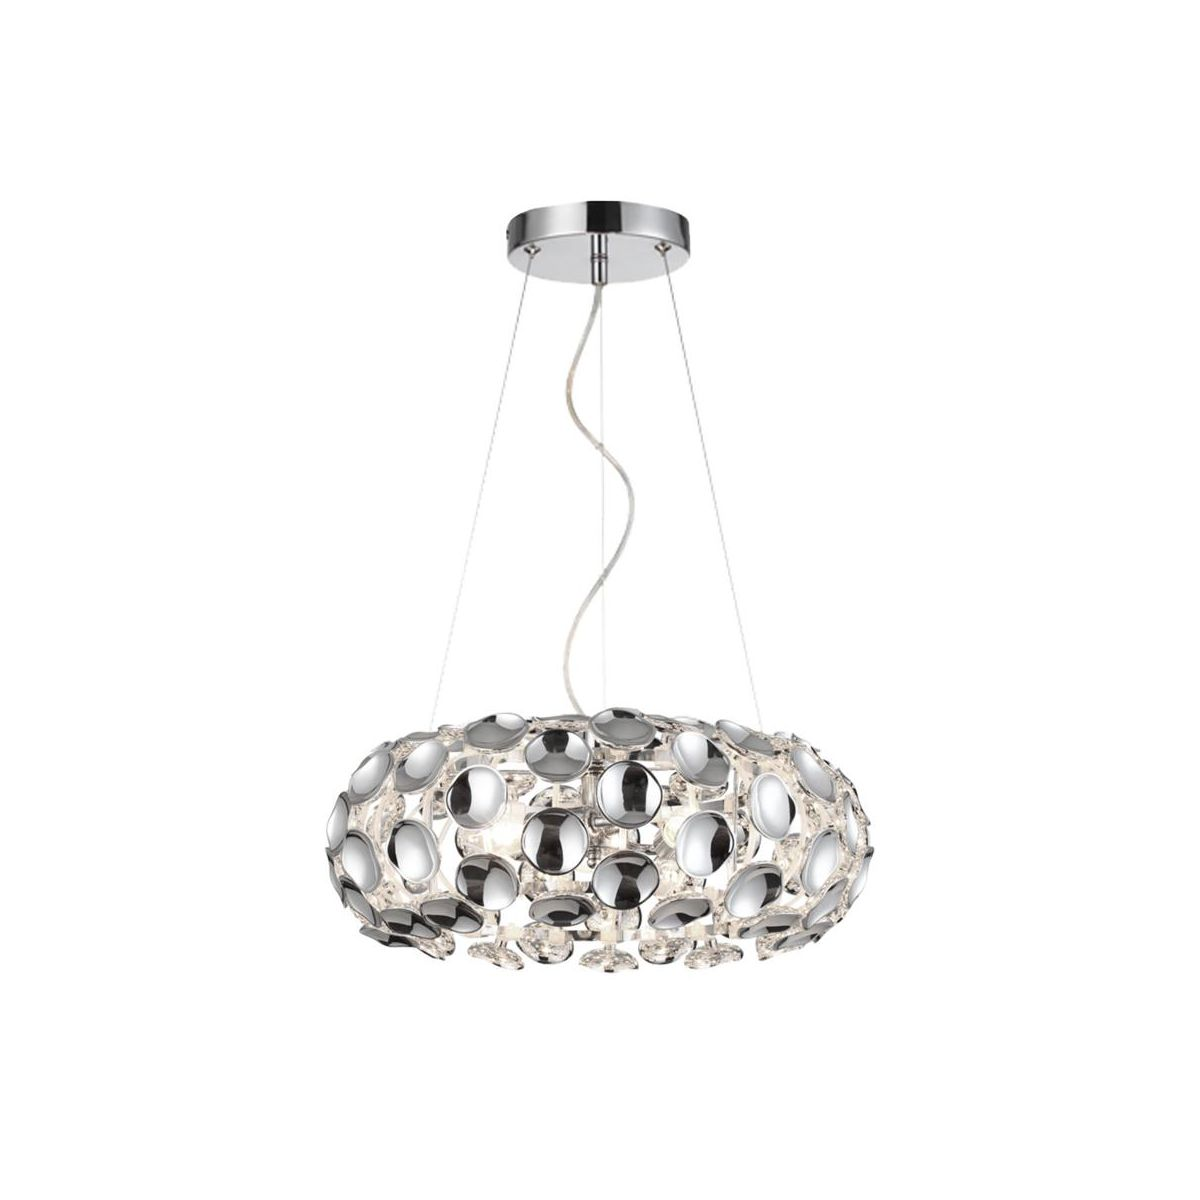 Lampa Wiszaca Ferrara Chrom E14 Light Prestige Zyrandole Lampy Wiszace I Sufitowe W Atrakcyjnej Cenie W Sklepach Leroy Merlin